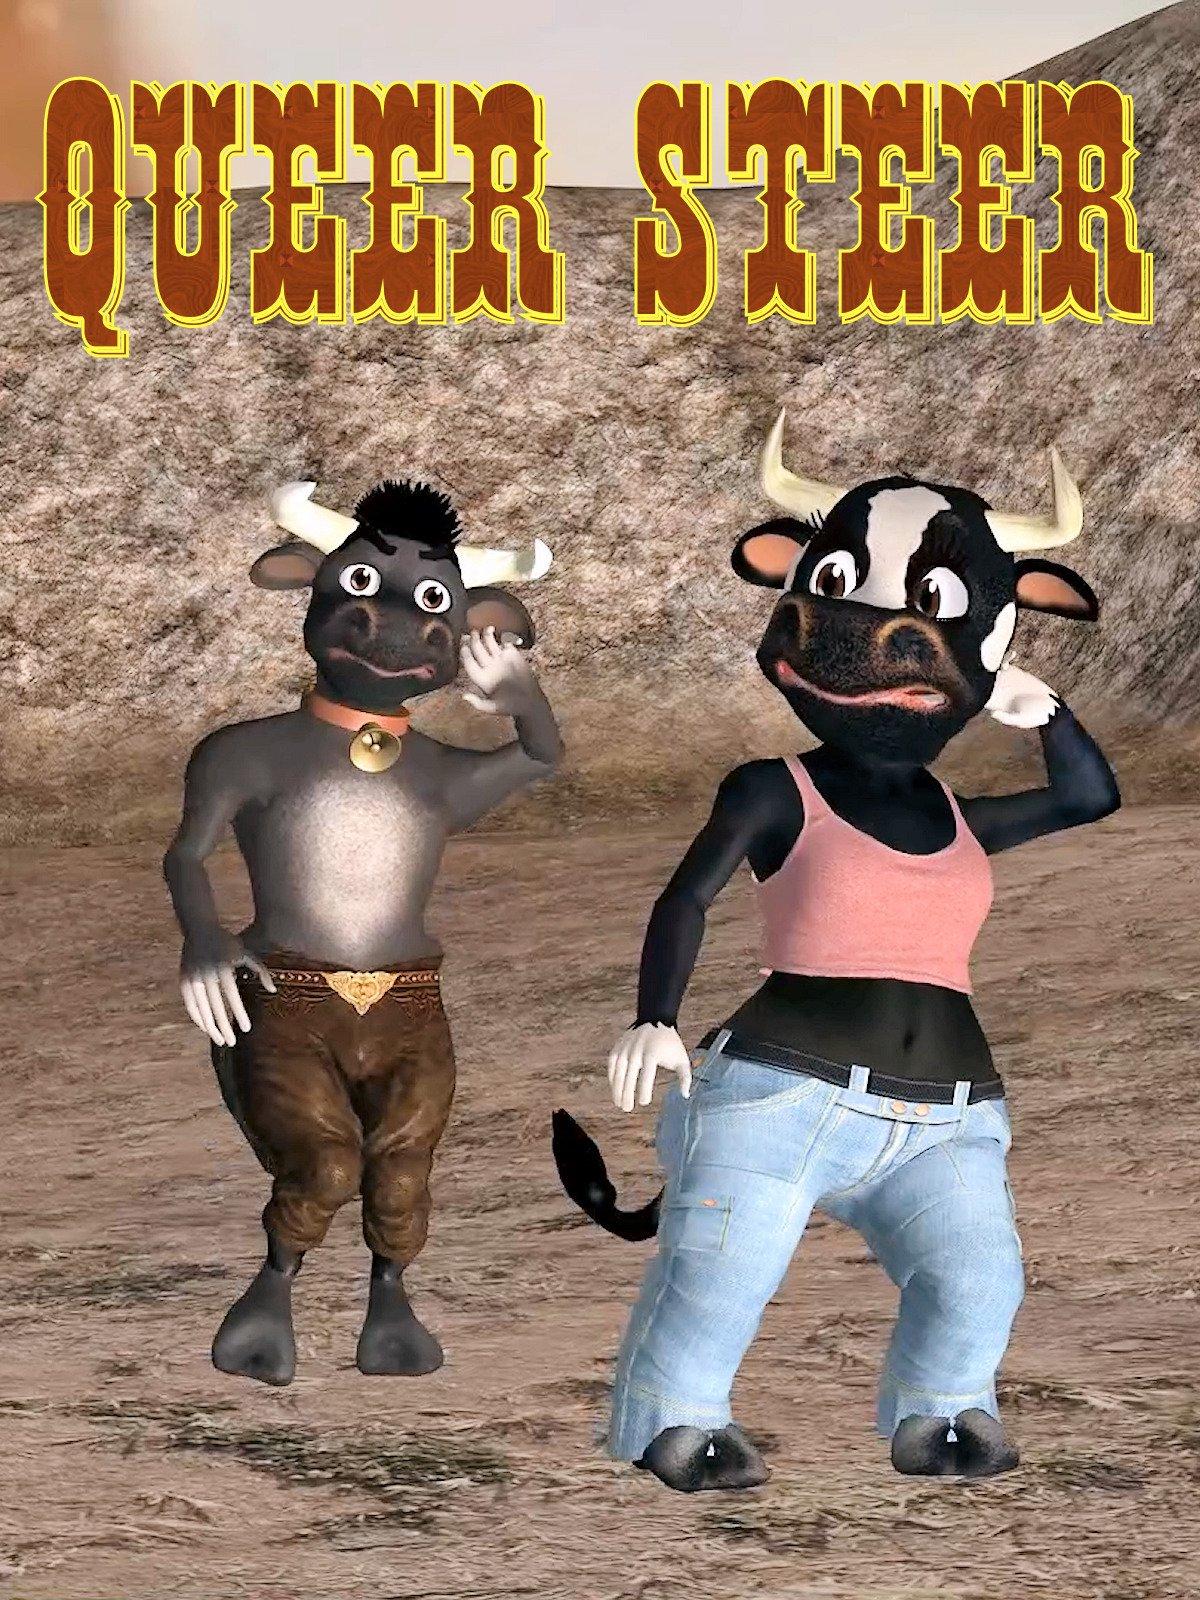 Queer Steer